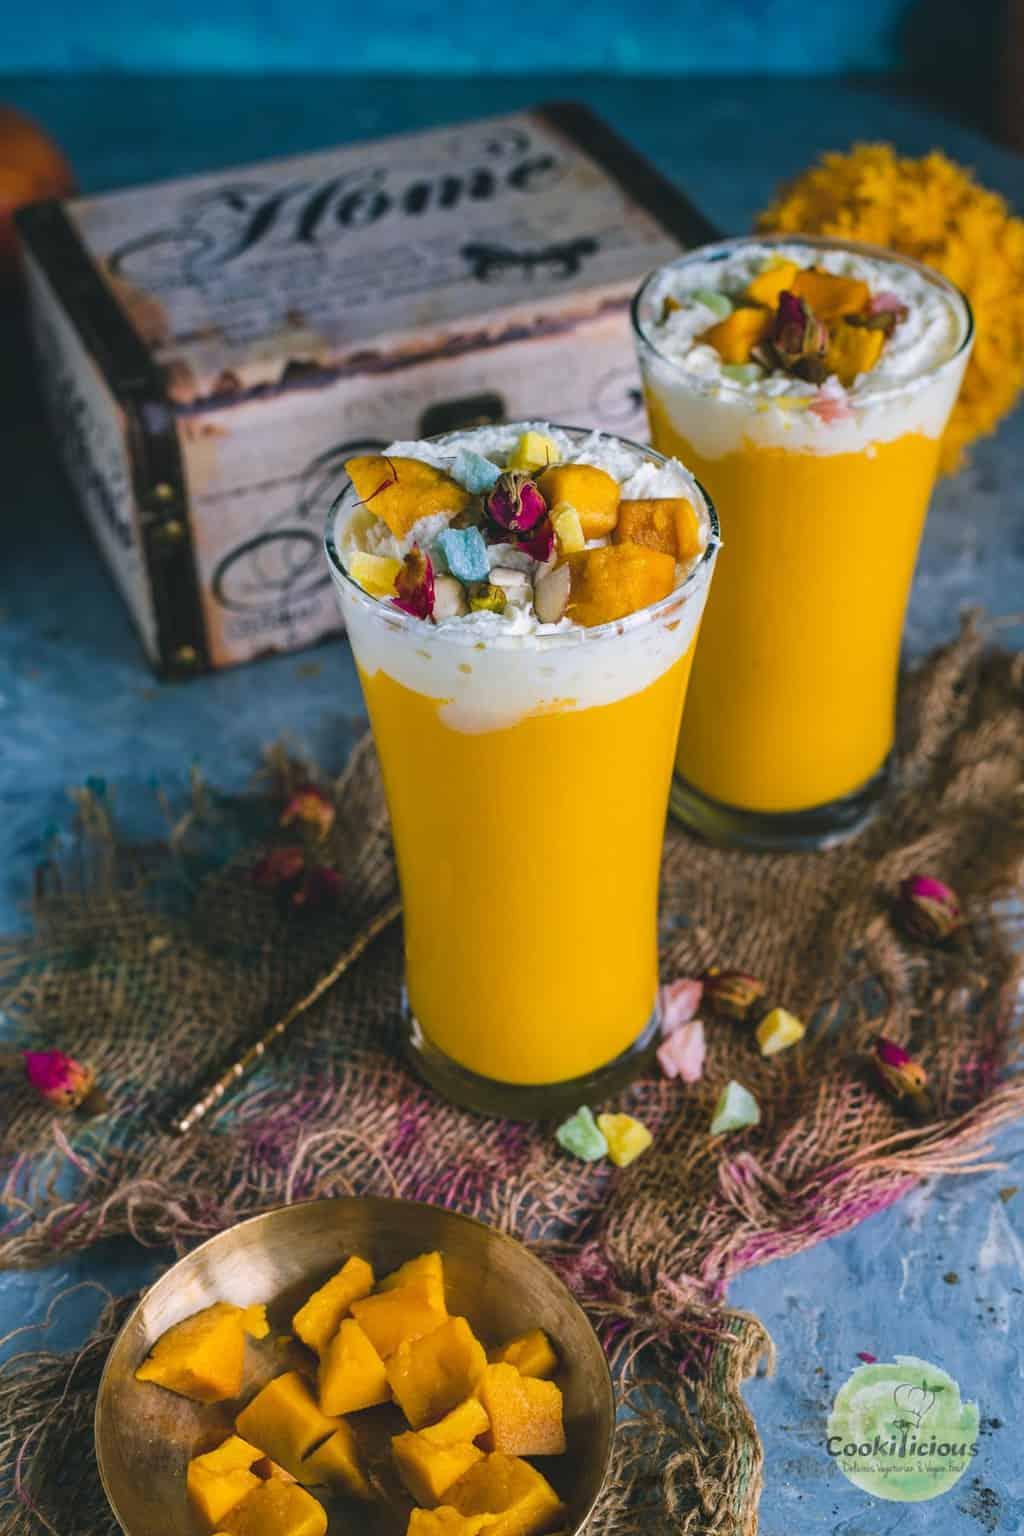 2 glasses filled with Mango Mastani